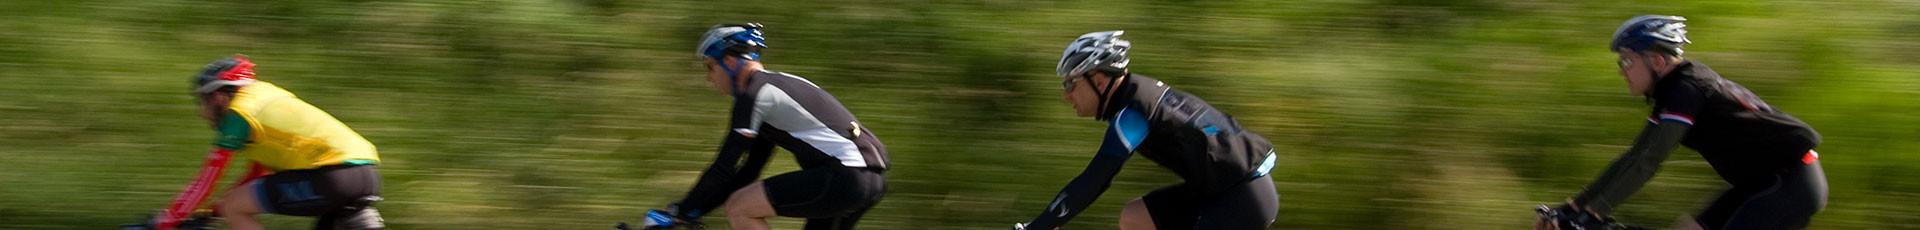 Cyclotourisme en Vallée d'Aulps